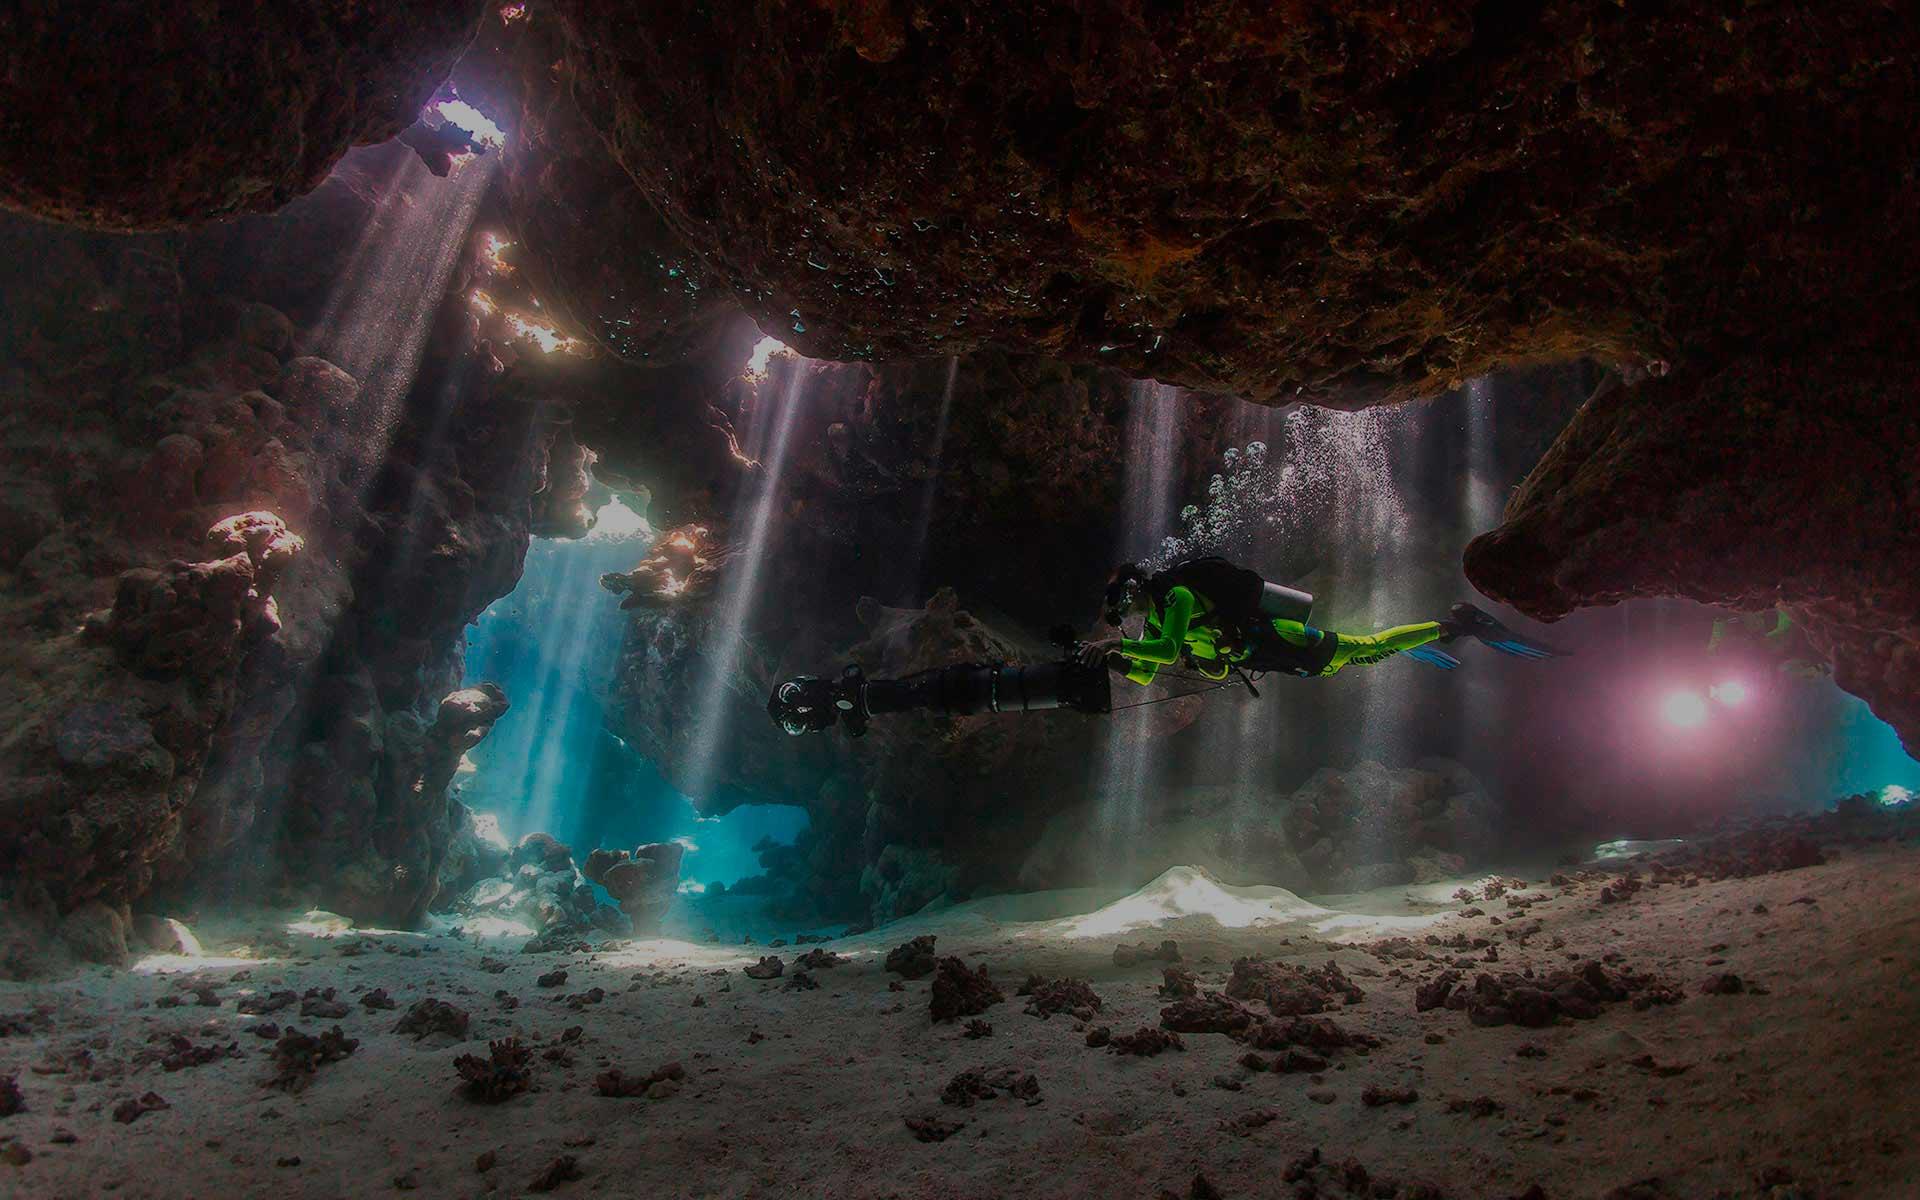 Planifica tu viaje de buceo, conociendo previamente las inmersiones